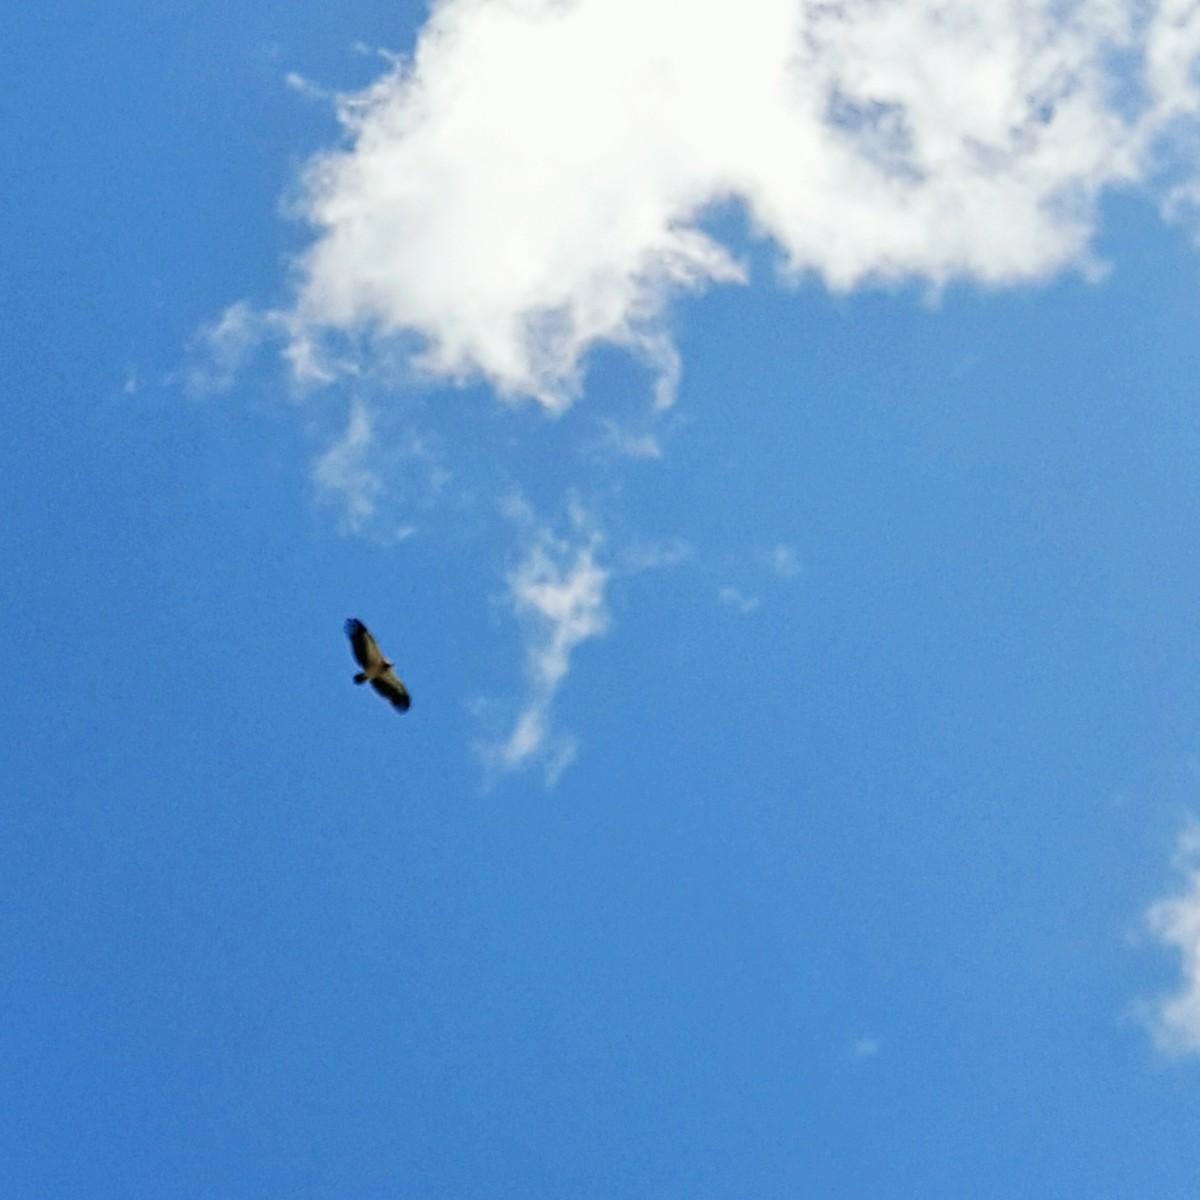 天山上空的鹰